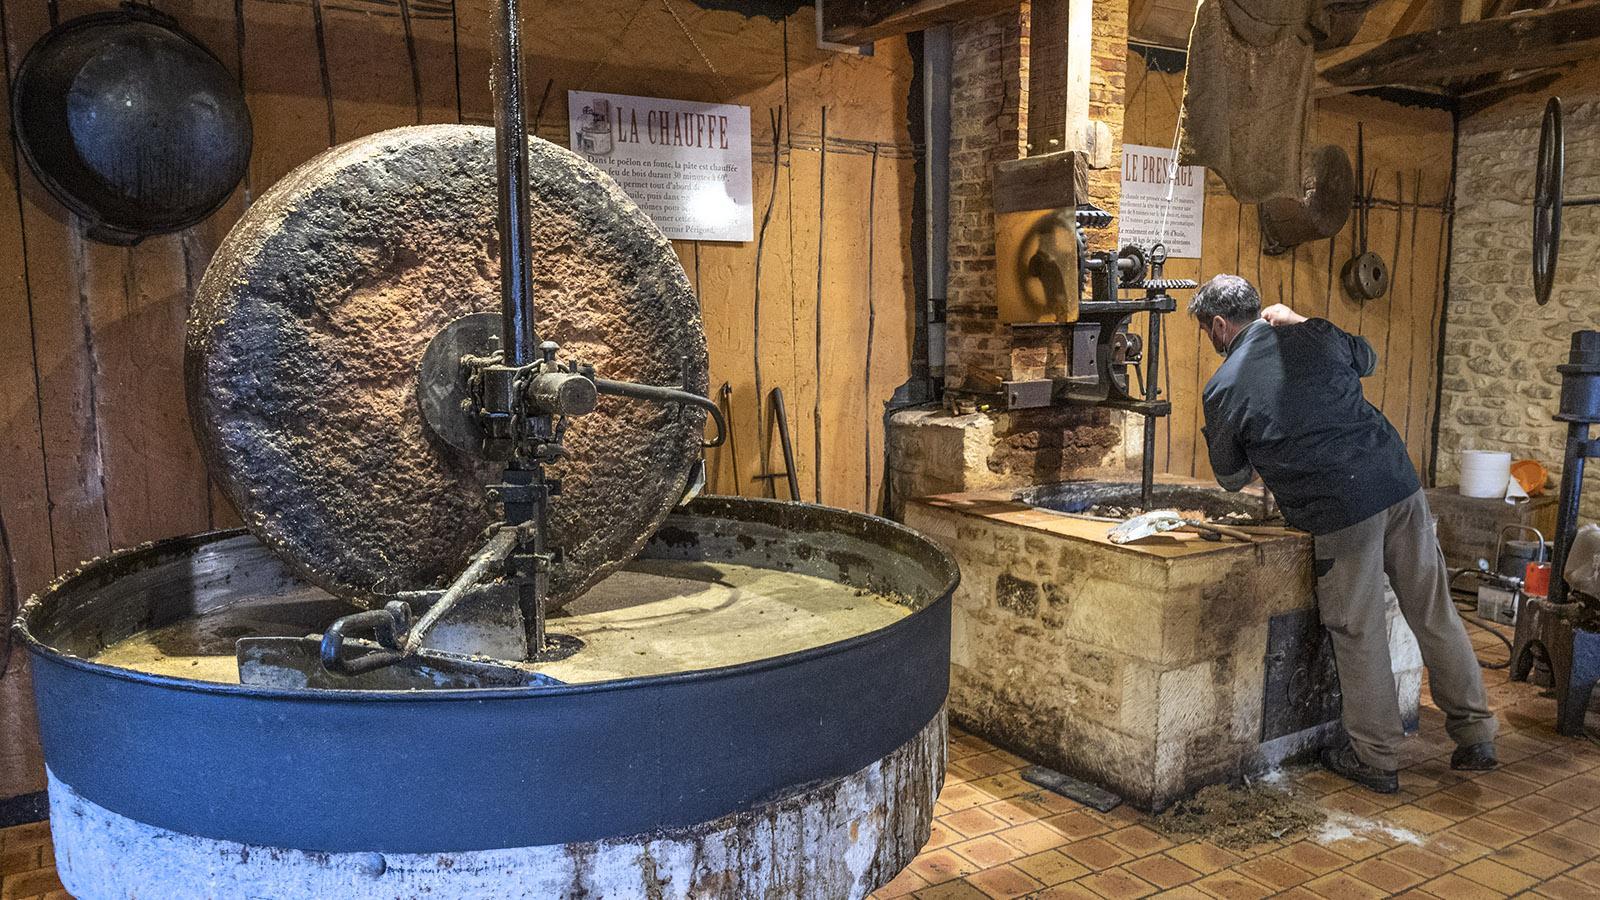 Zerkleinern, erhitzen, pressen: die drei Hauptschritte bei der Nussölherstellung. Foto: Hilke Maunder